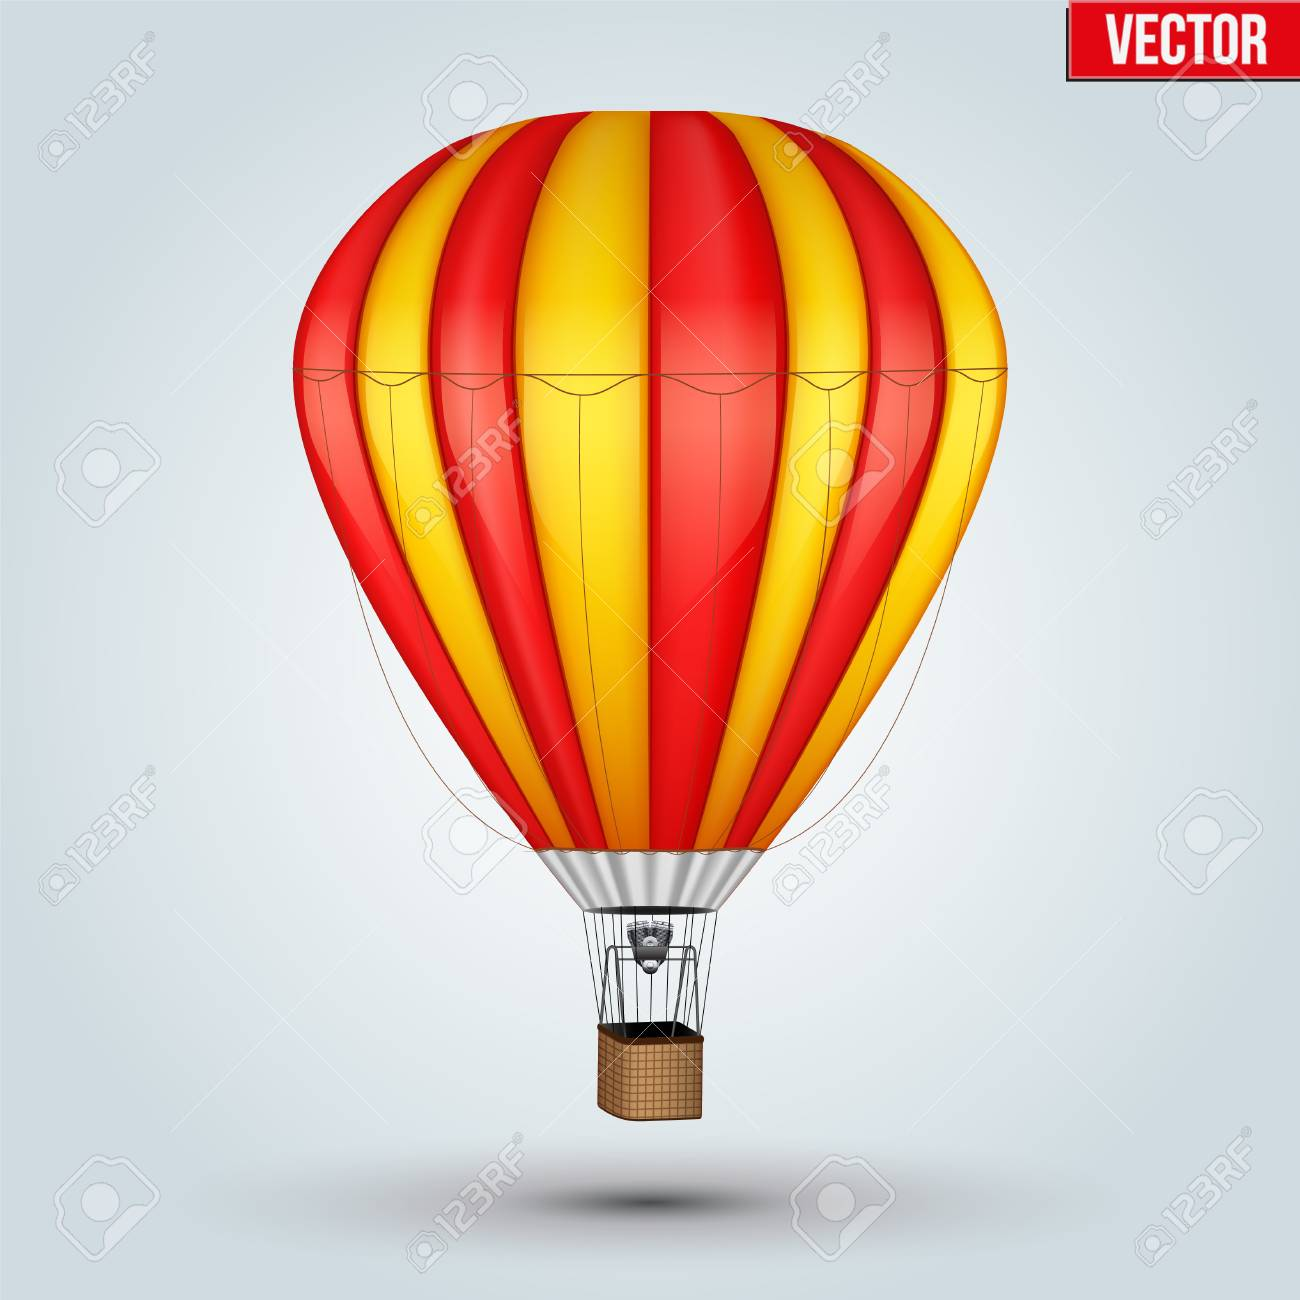 Ziemlich Heißluftballon Malvorlagen Bilder - Malvorlagen Ideen ...